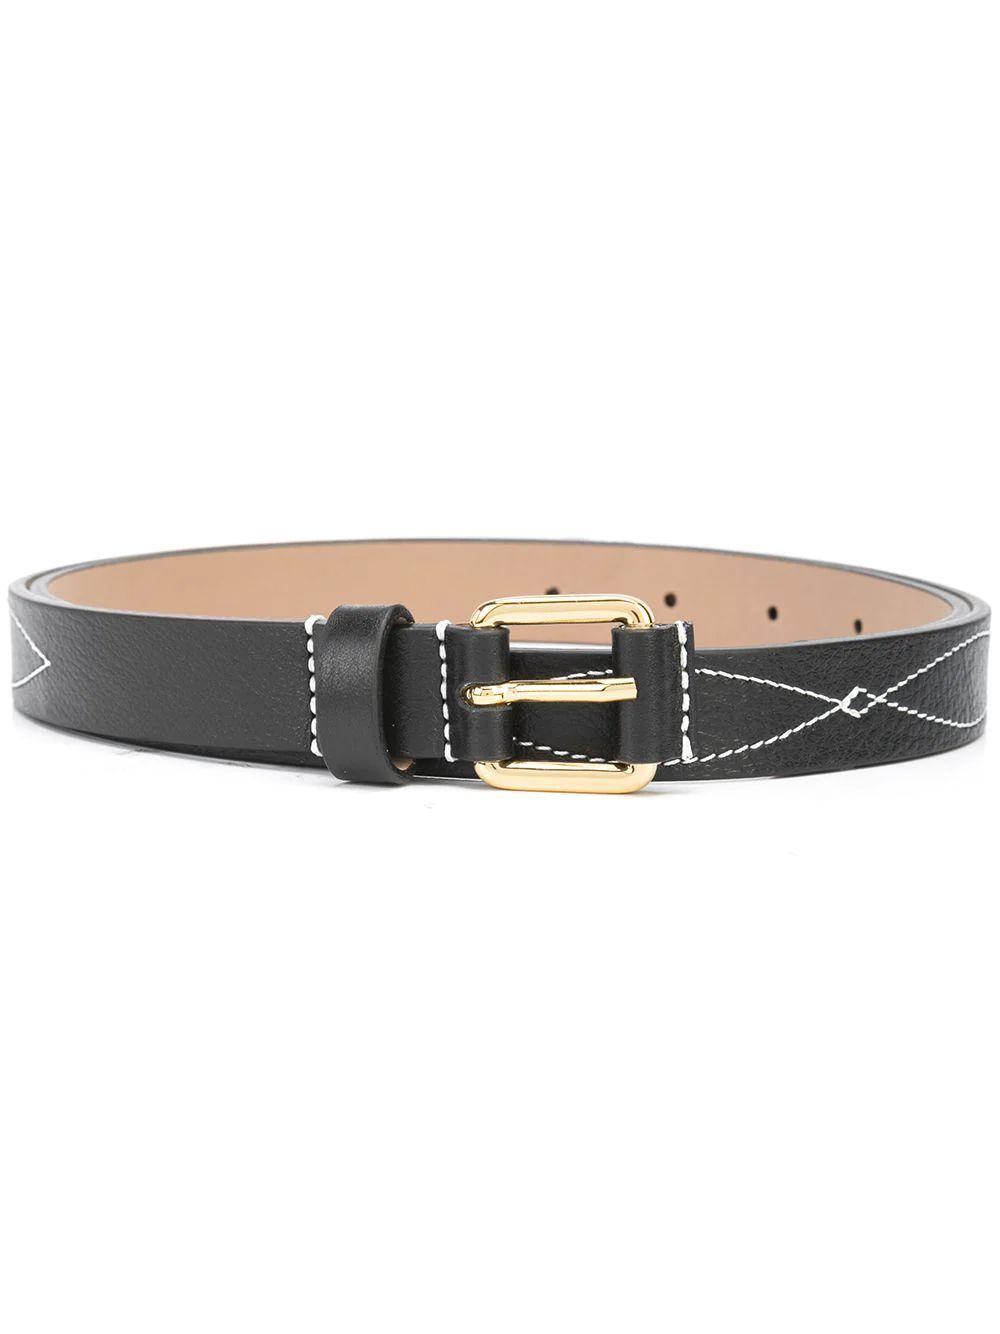 Scout Belt Item # BH908-000LE